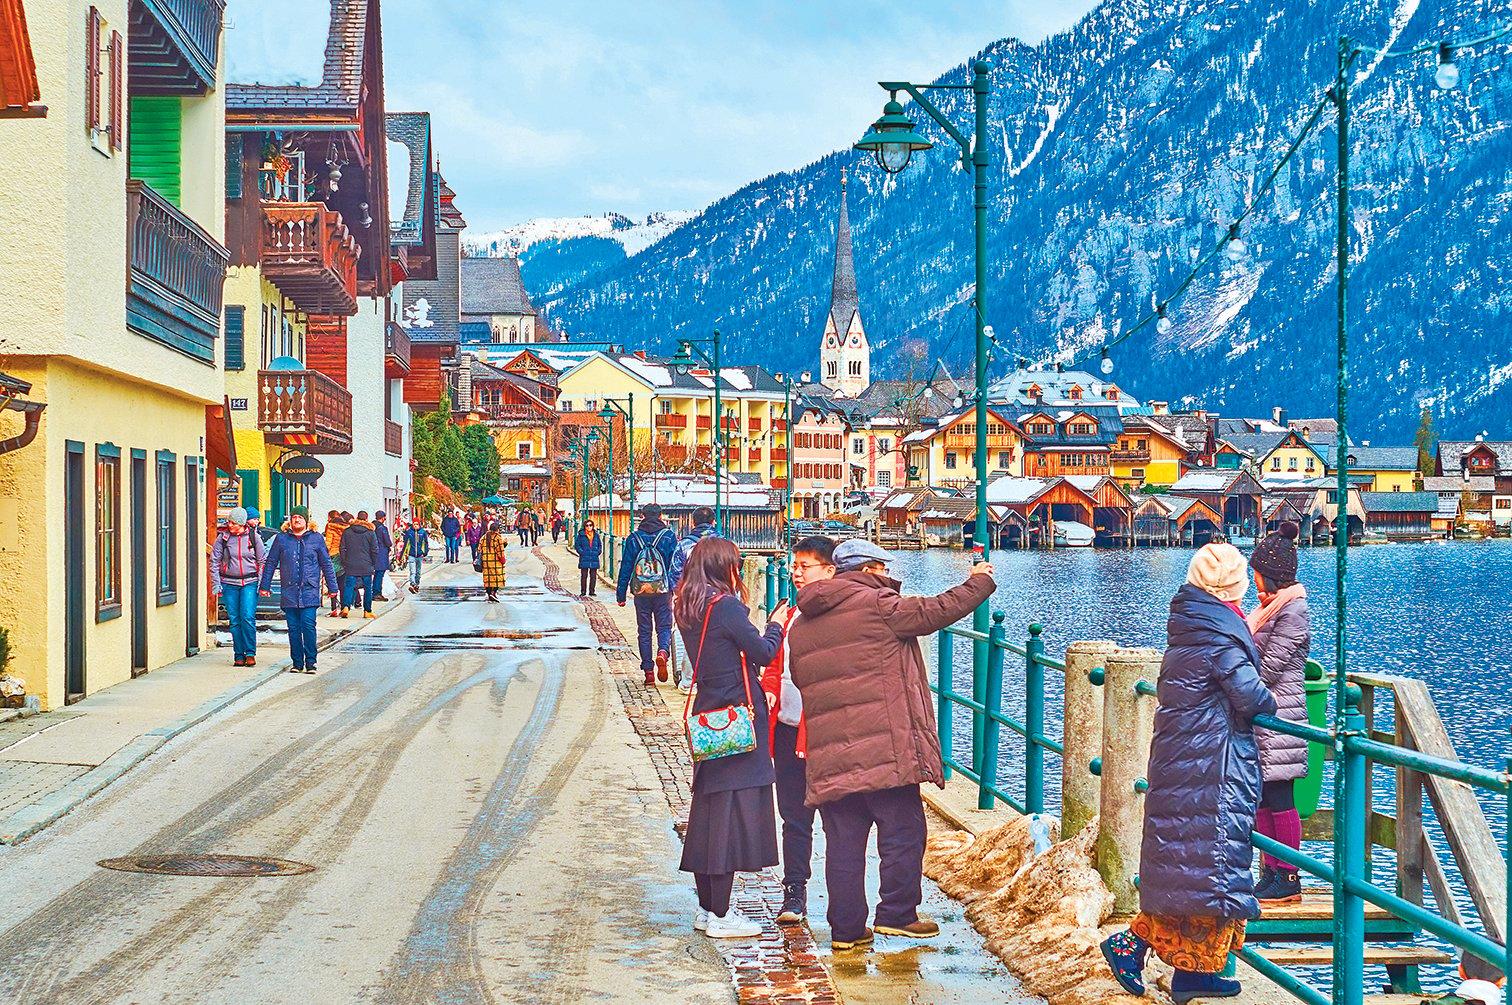 在依山傍水的小鎮上漫步賞景。